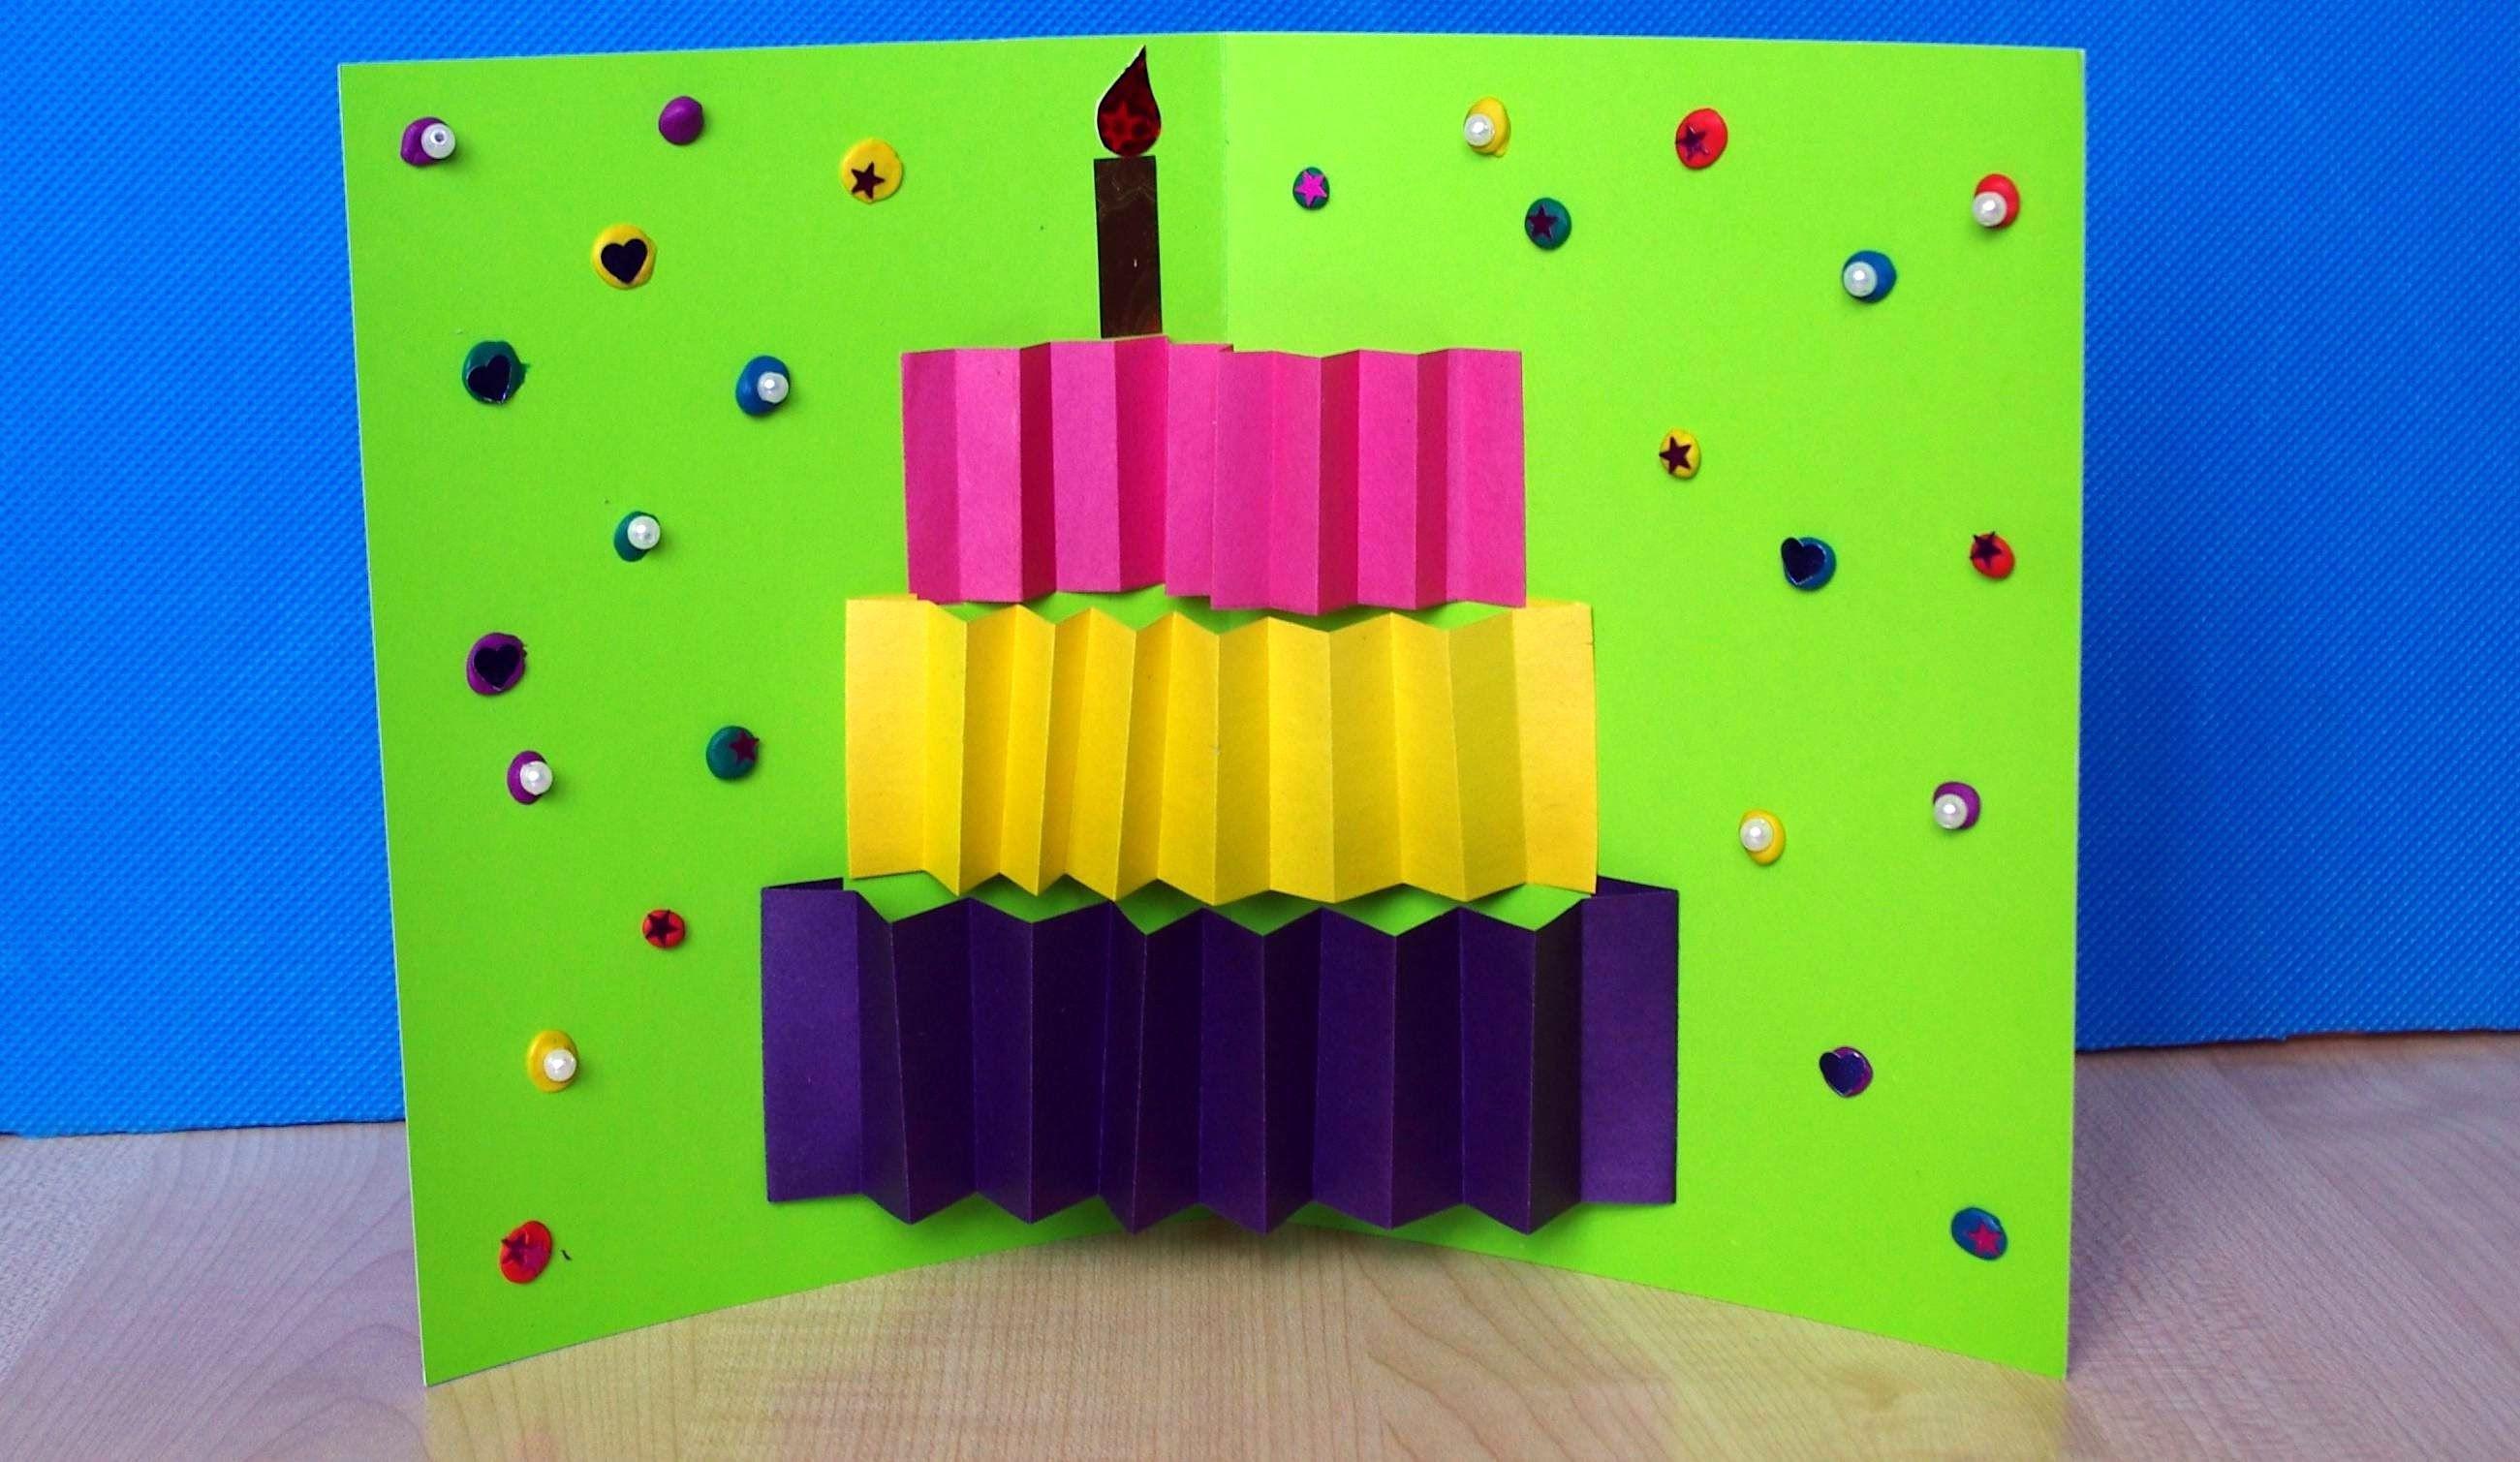 Как ребенку сделать открытку своими руками на день рождения, совершеннолетием